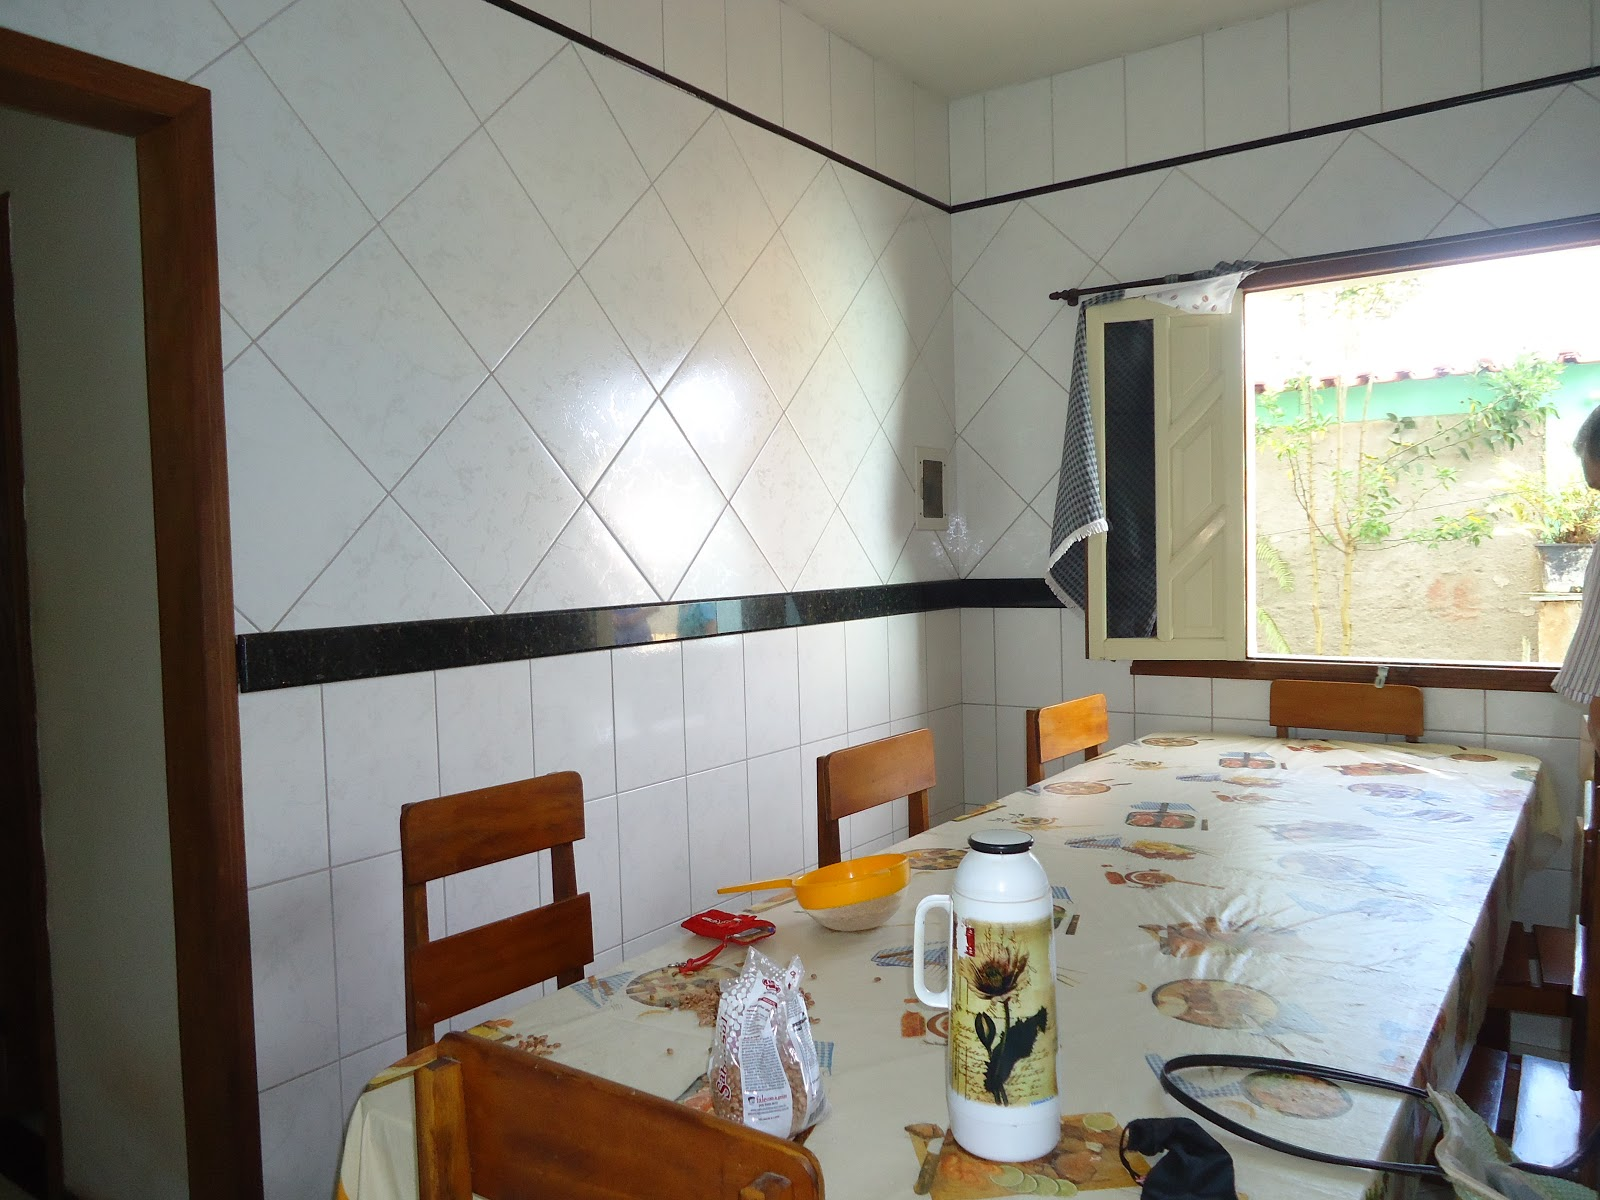 Imagens de #673617  blindex banheiro social com box blindex sala ampla cozinha saleta 1600x1200 px 3520 Blindex Banheiro Valor